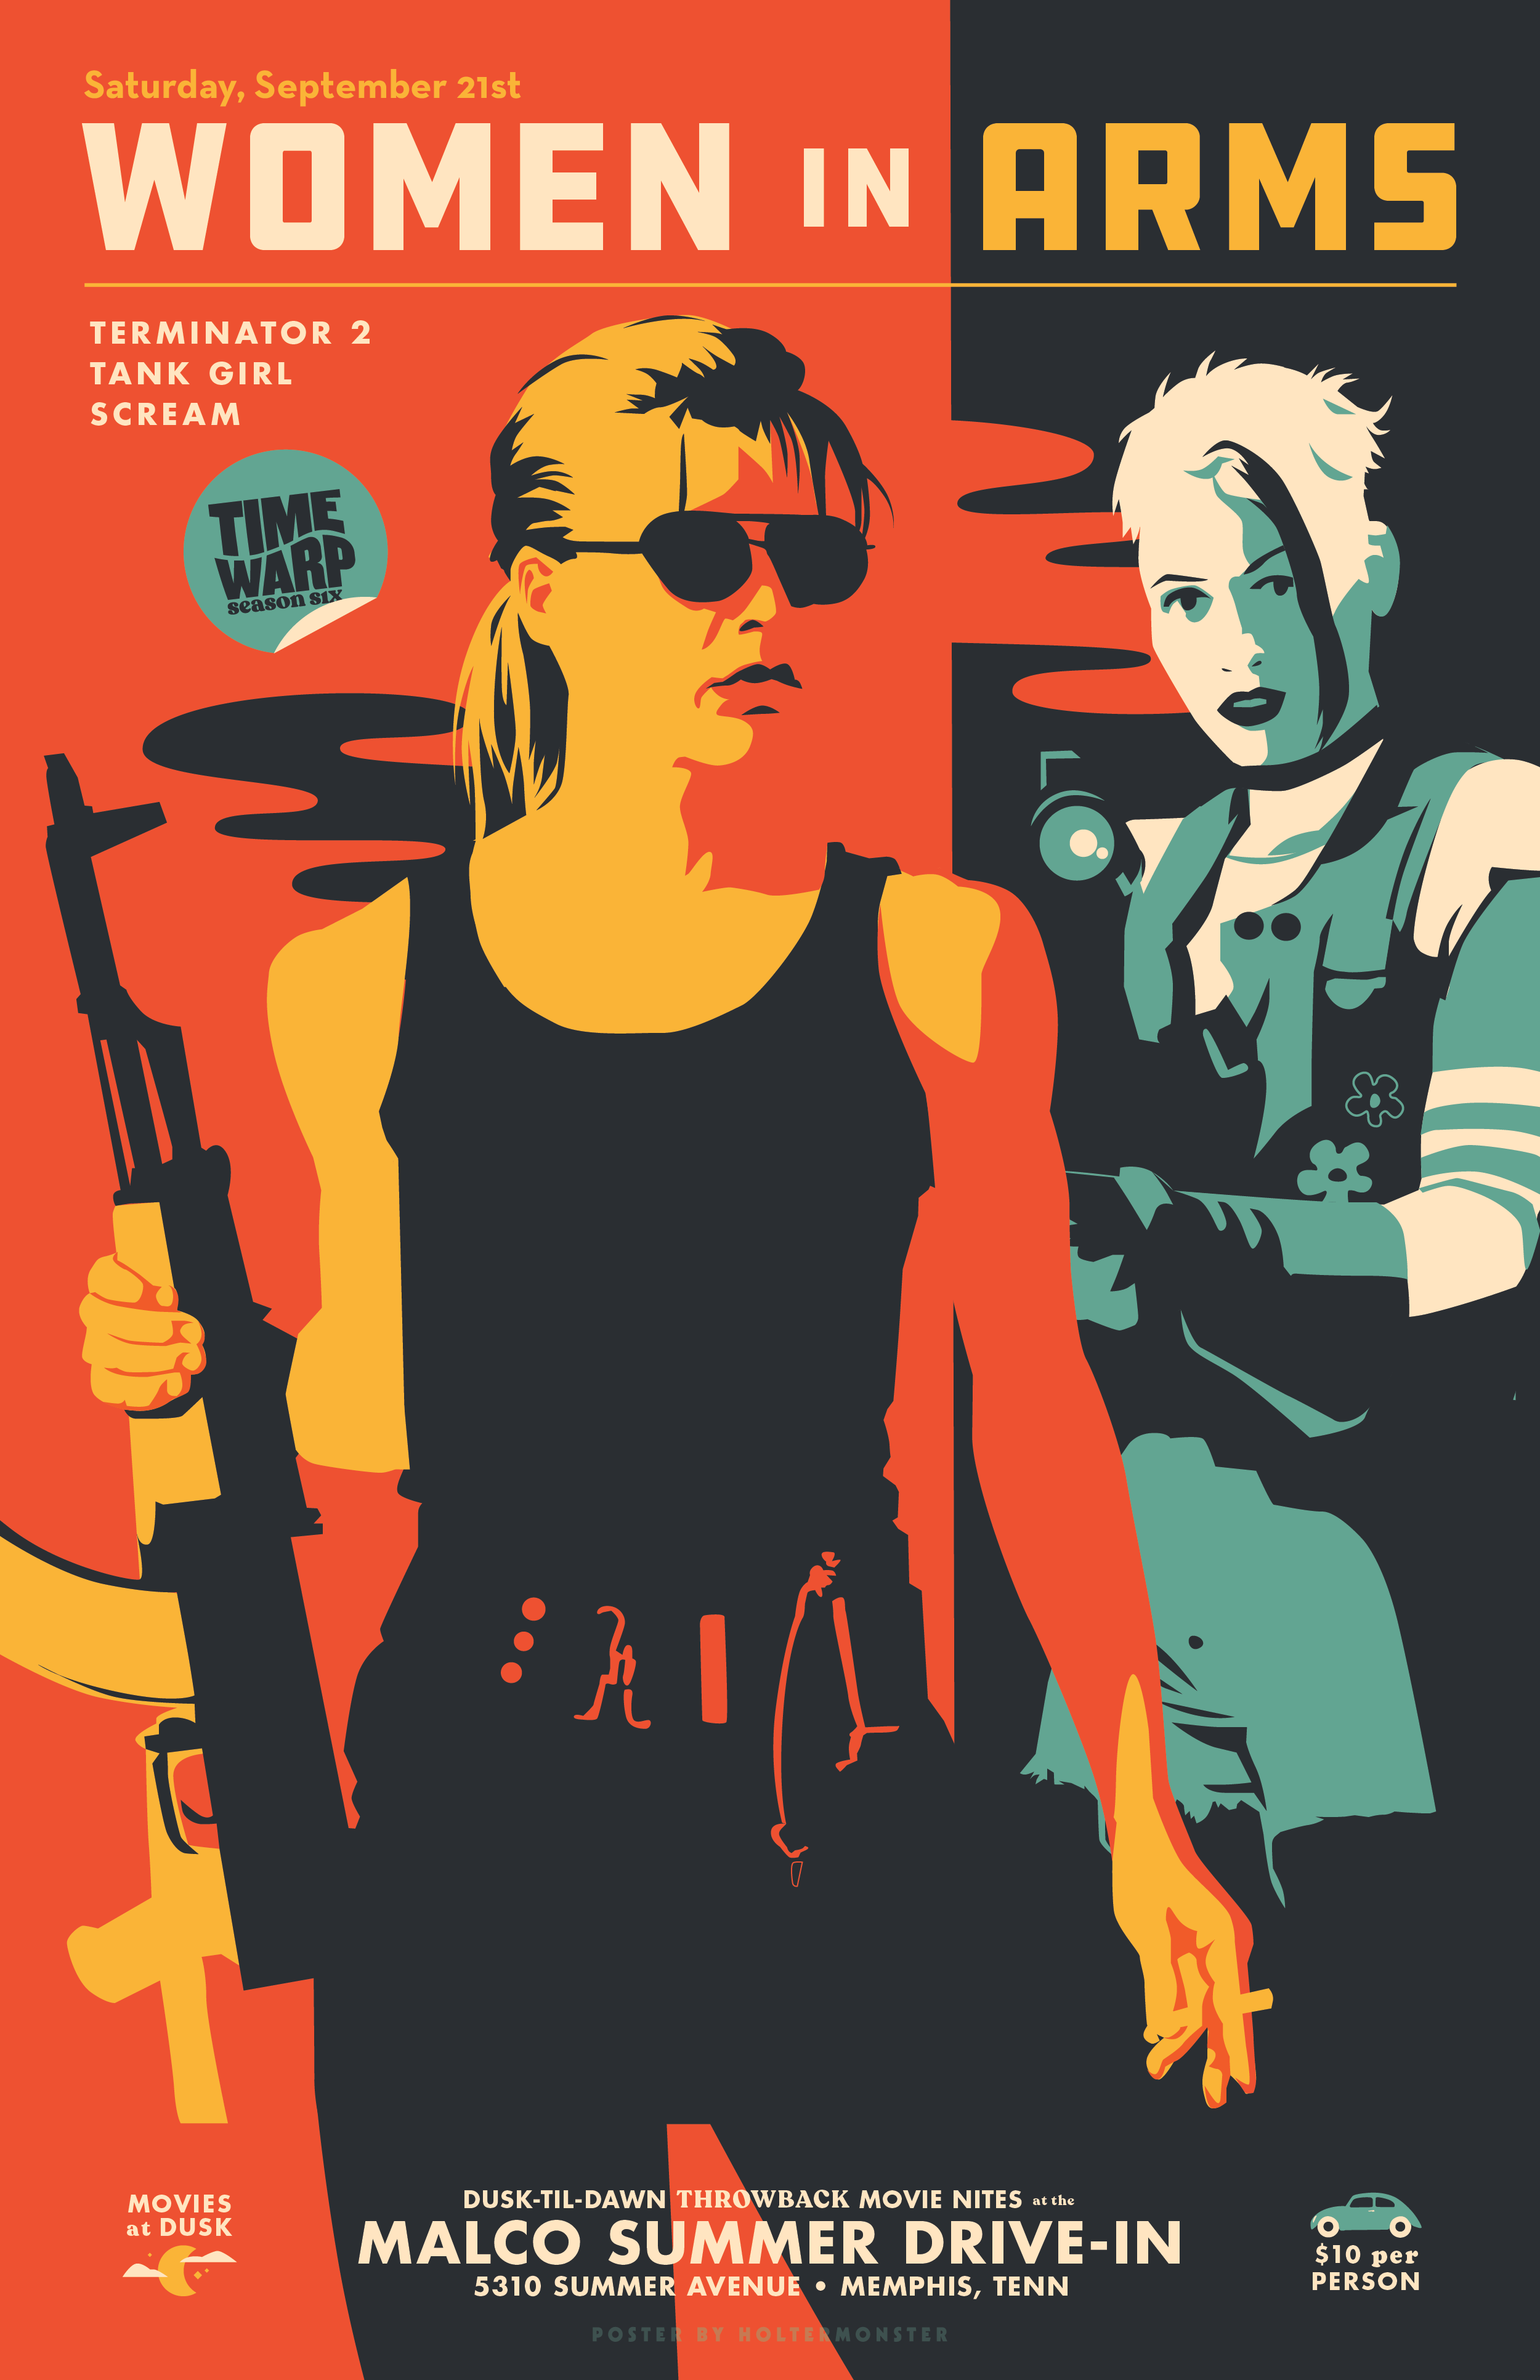 timewarp_season6-women-in-arms-web.png